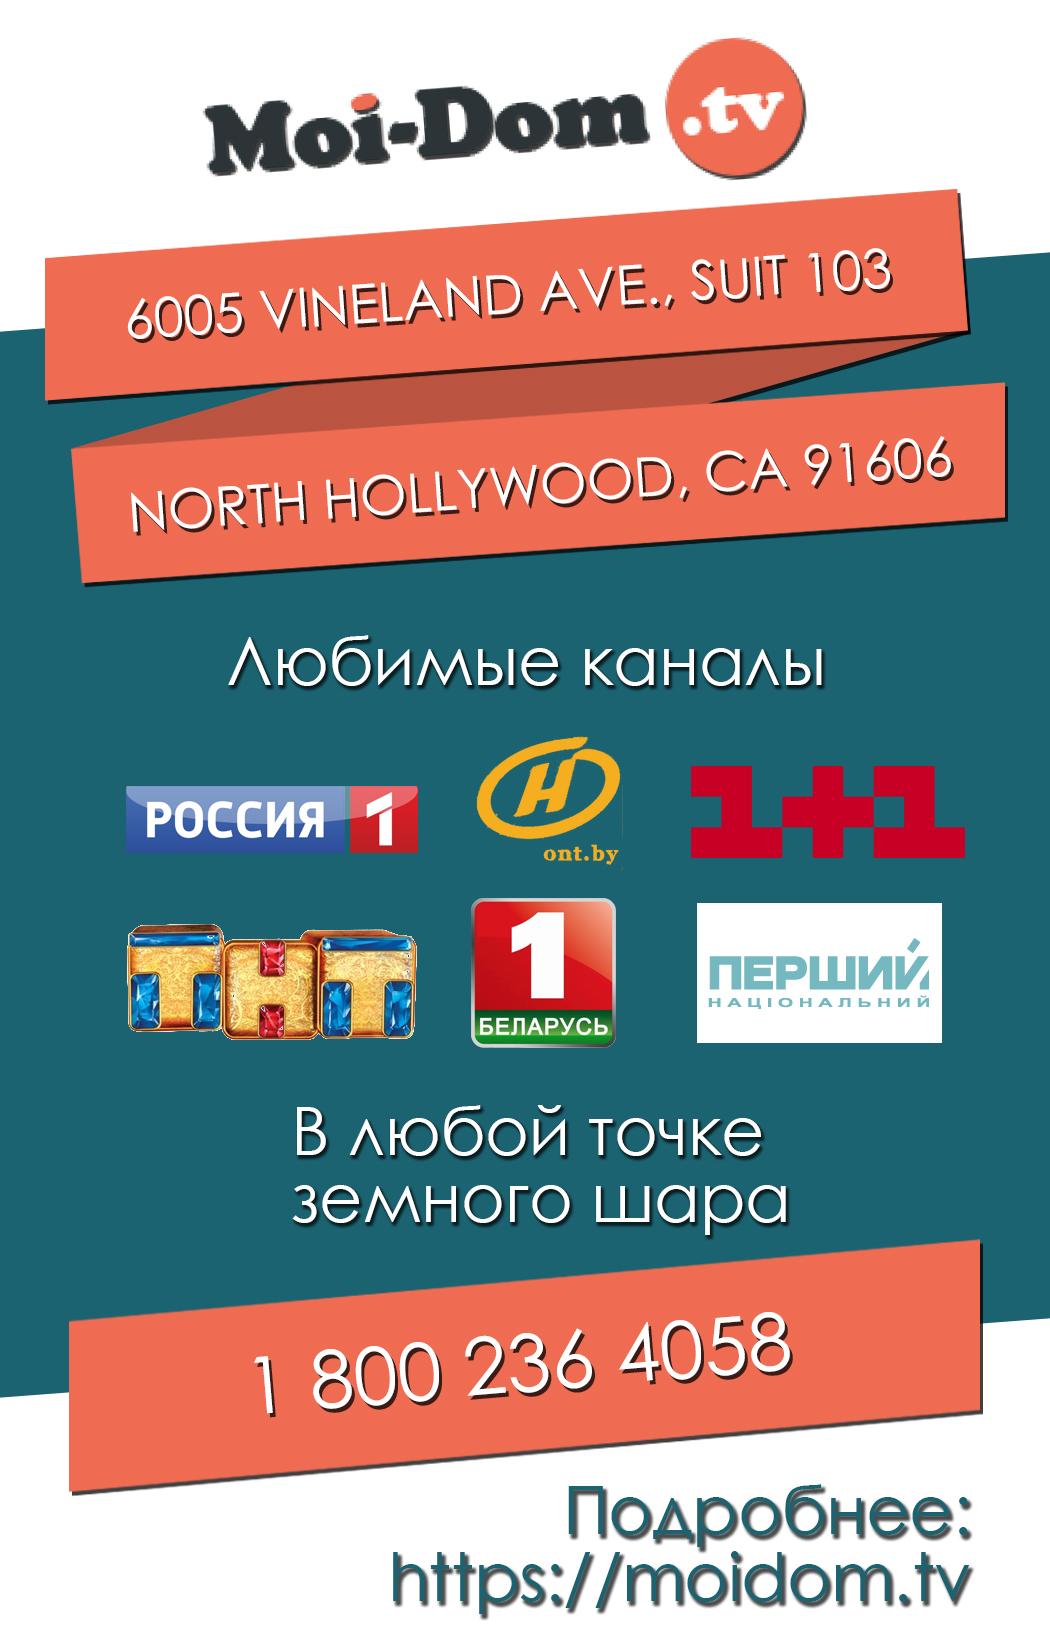 флаер ТВ 1